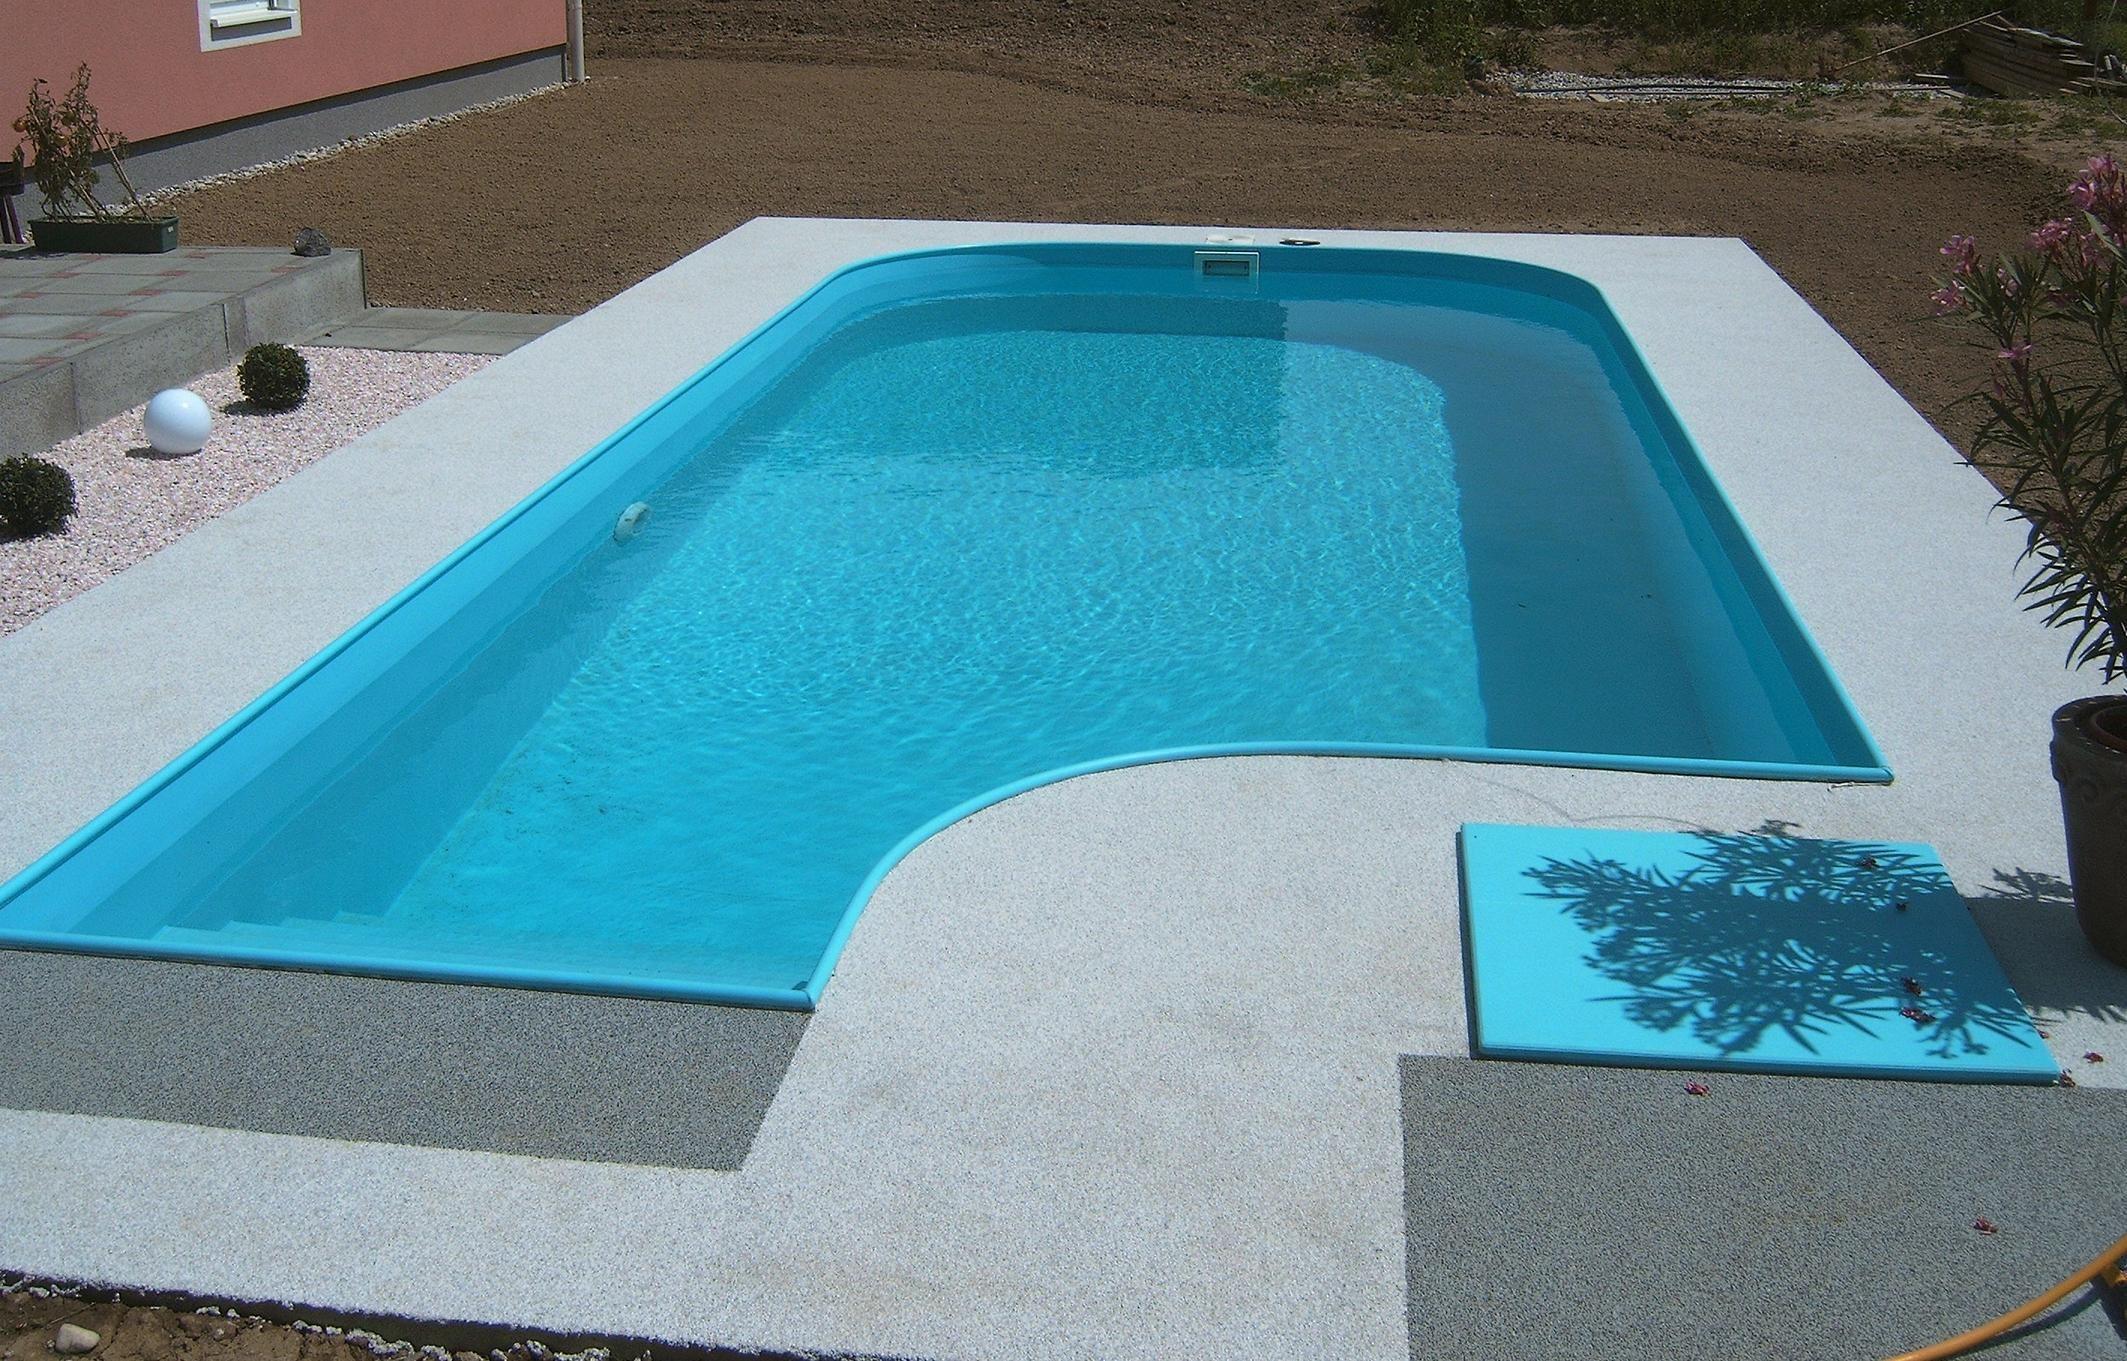 Piscine Interrate Prezzi Tutto Compreso piscina skimmer 300x700x120h cm - accessori per piscine